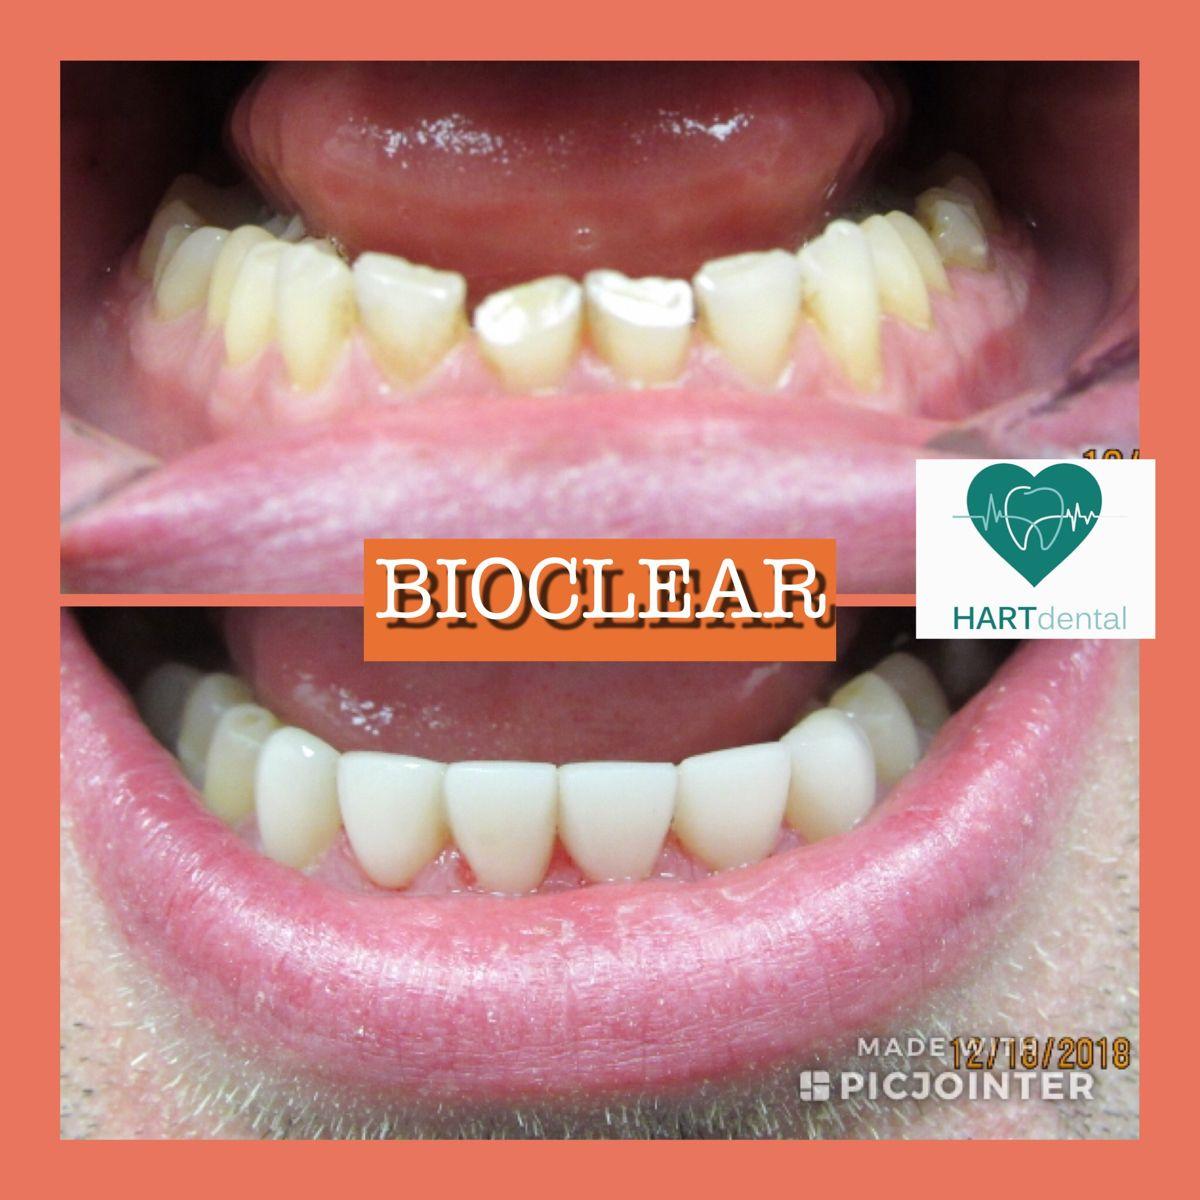 Bioclear restorations dental veneers restoration